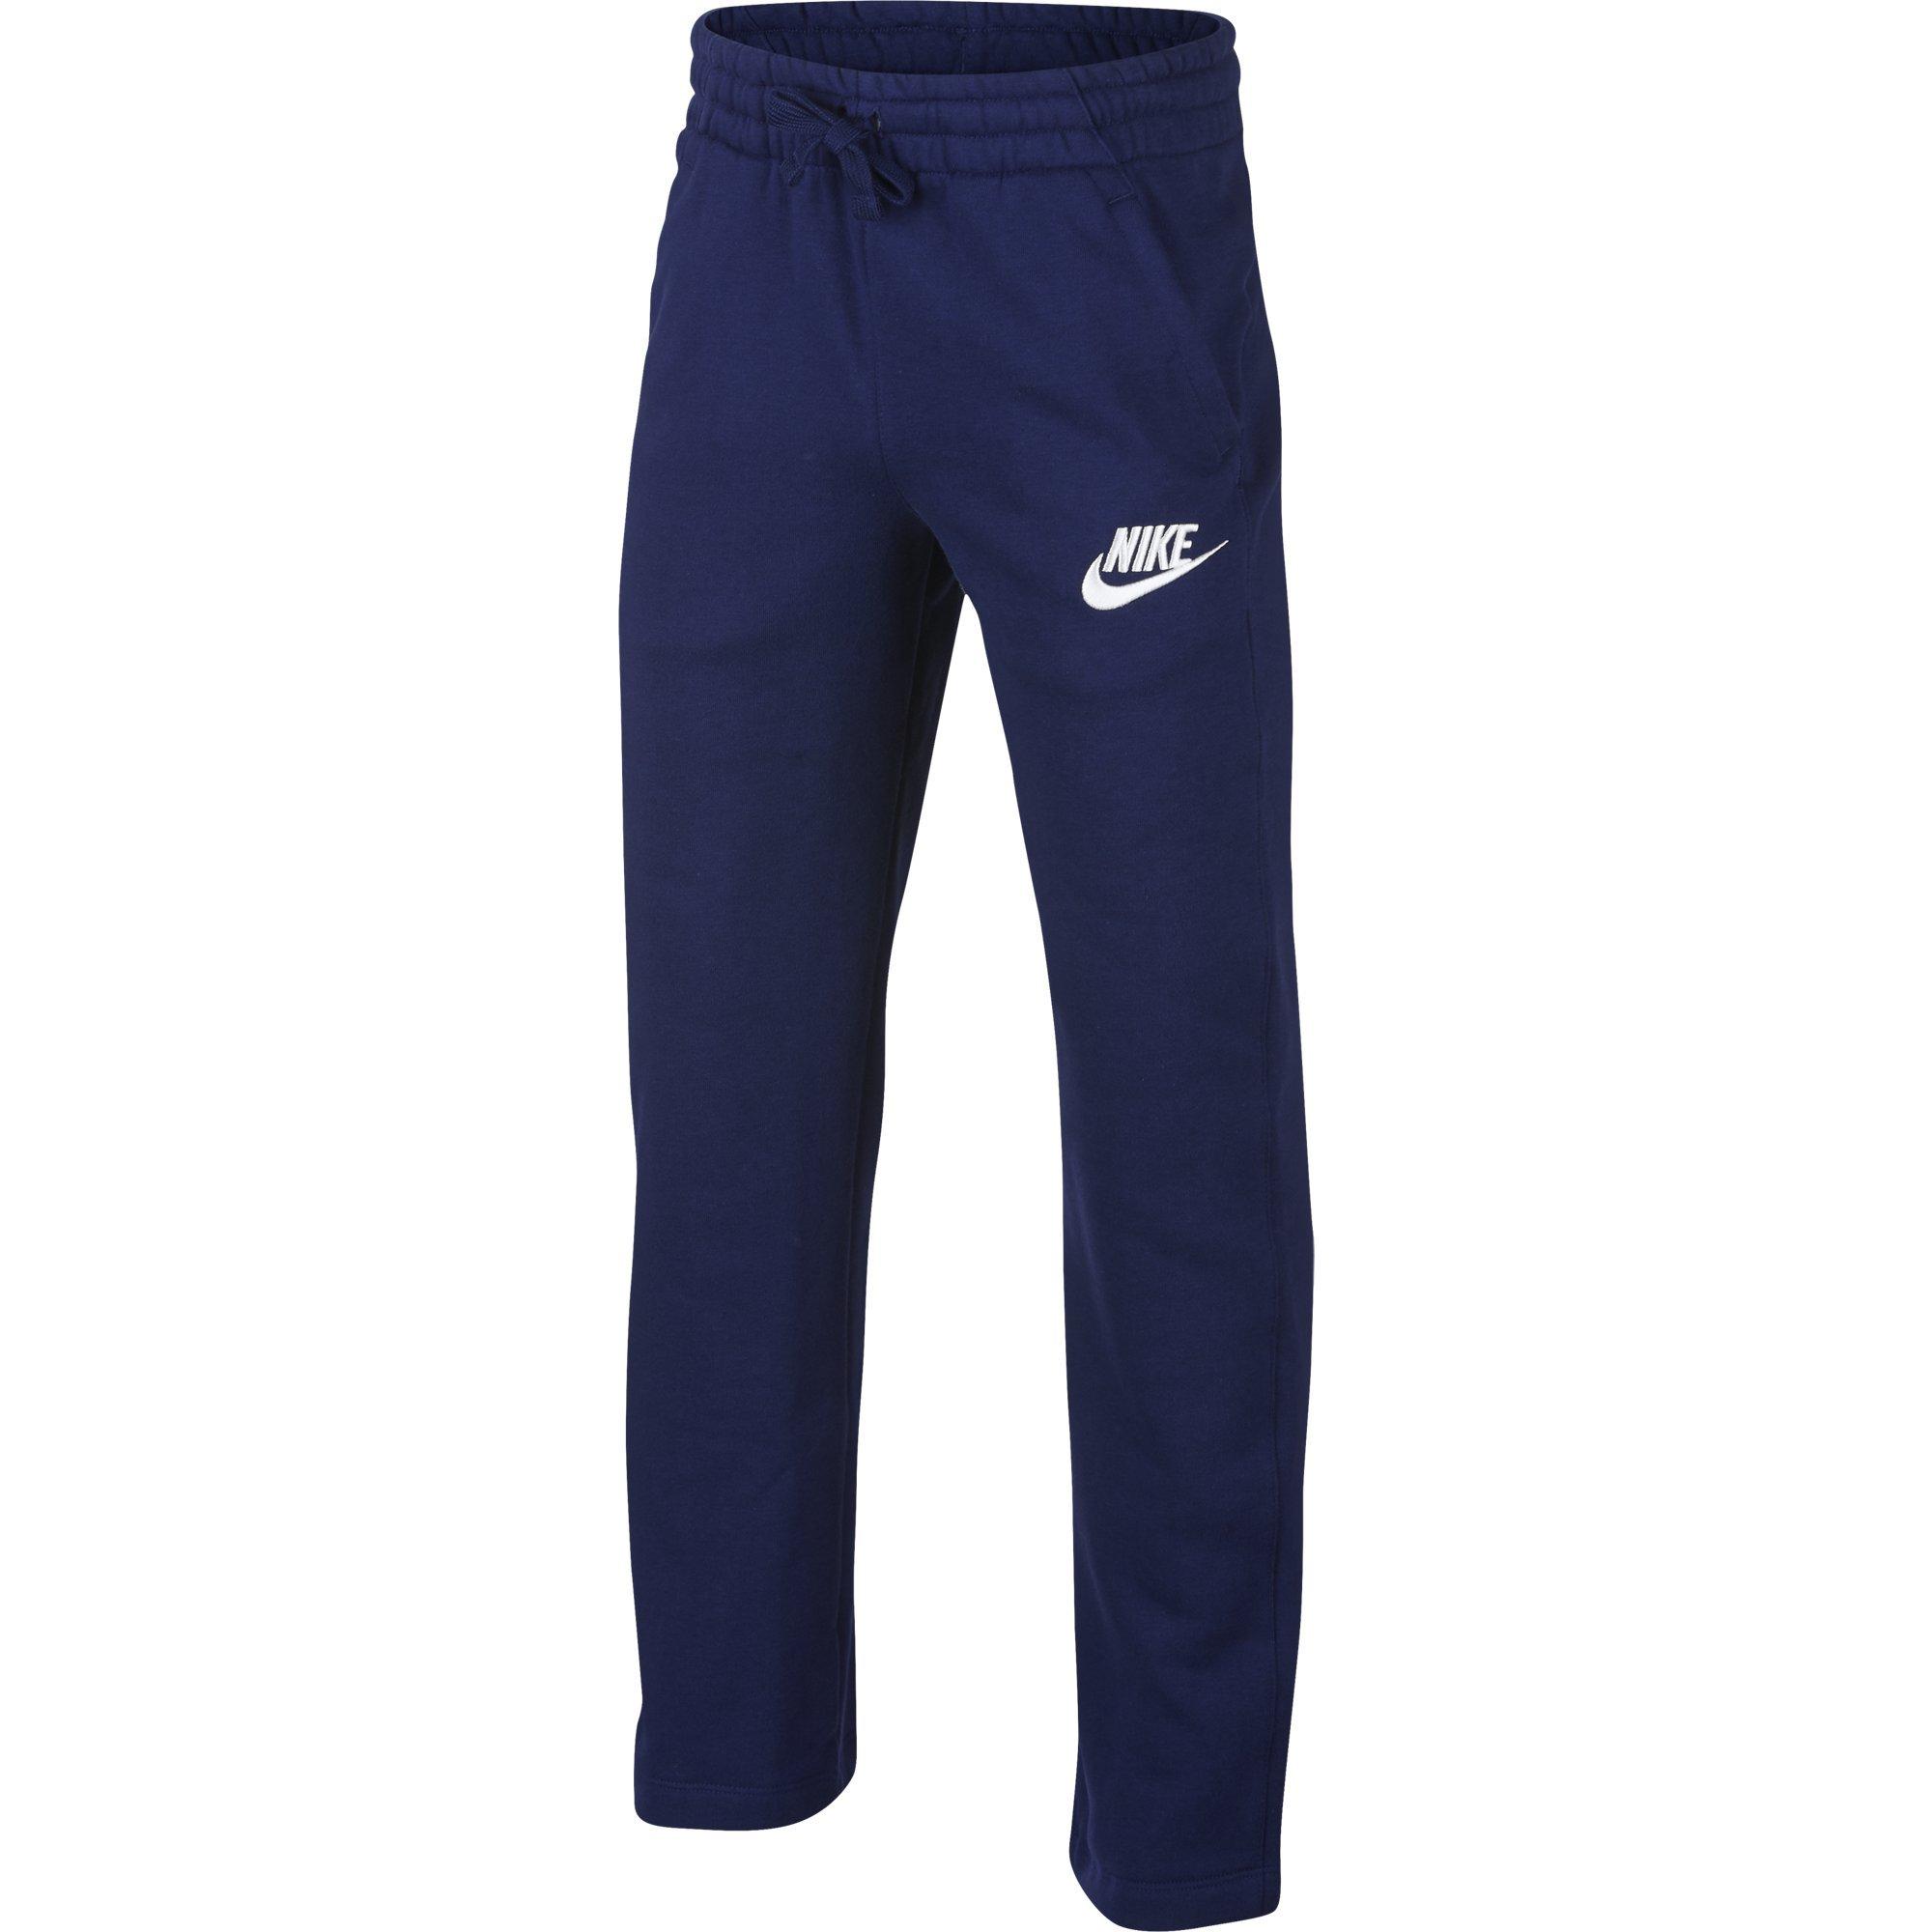 NIKE Sportswear Boys' Club Fleece Open Hem Pants, Blue Void/White, Small